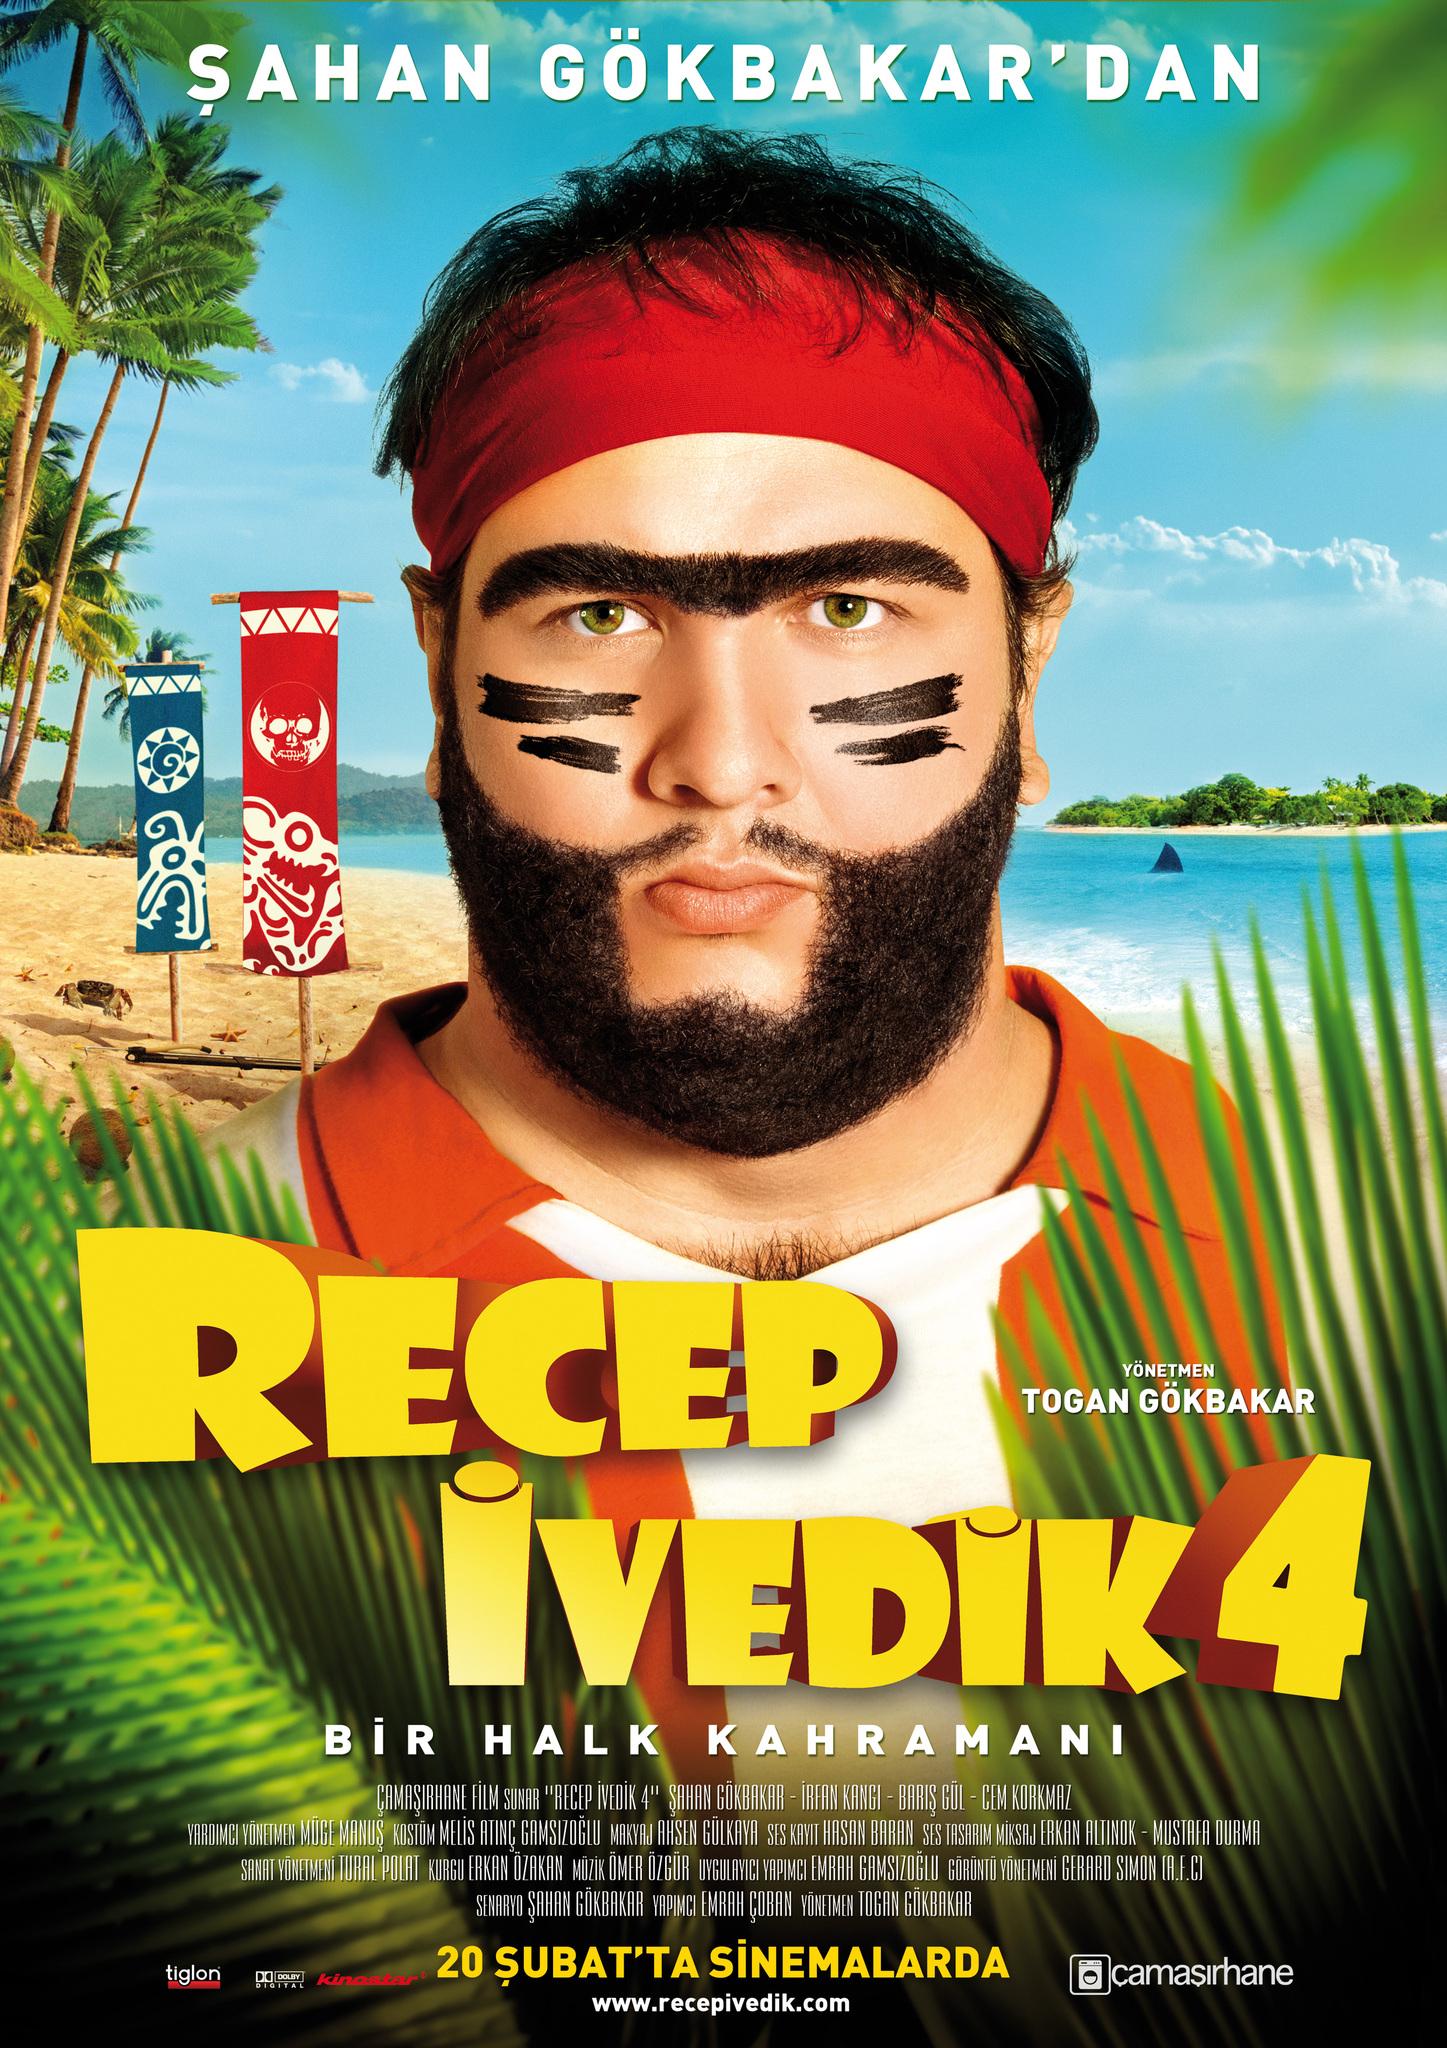 دانلود فیلم Recep Ivedik 4 2014